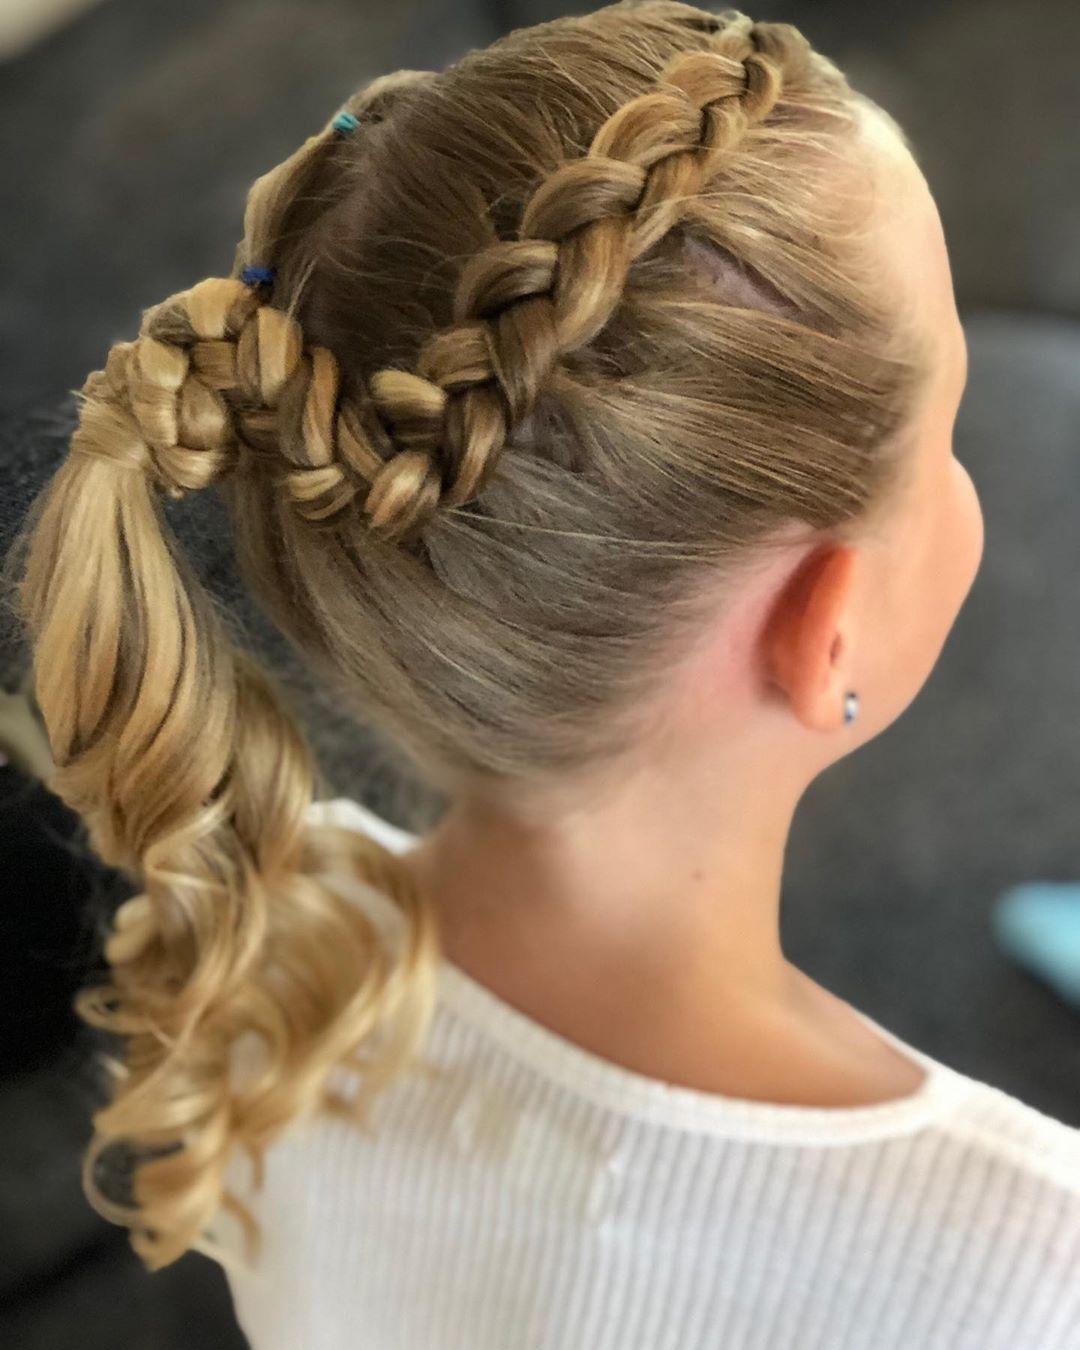 Fryzury Z Warkoczem Dla Dziewczynek Kids Hairstyles Hairstyles For School Curls For The Girls